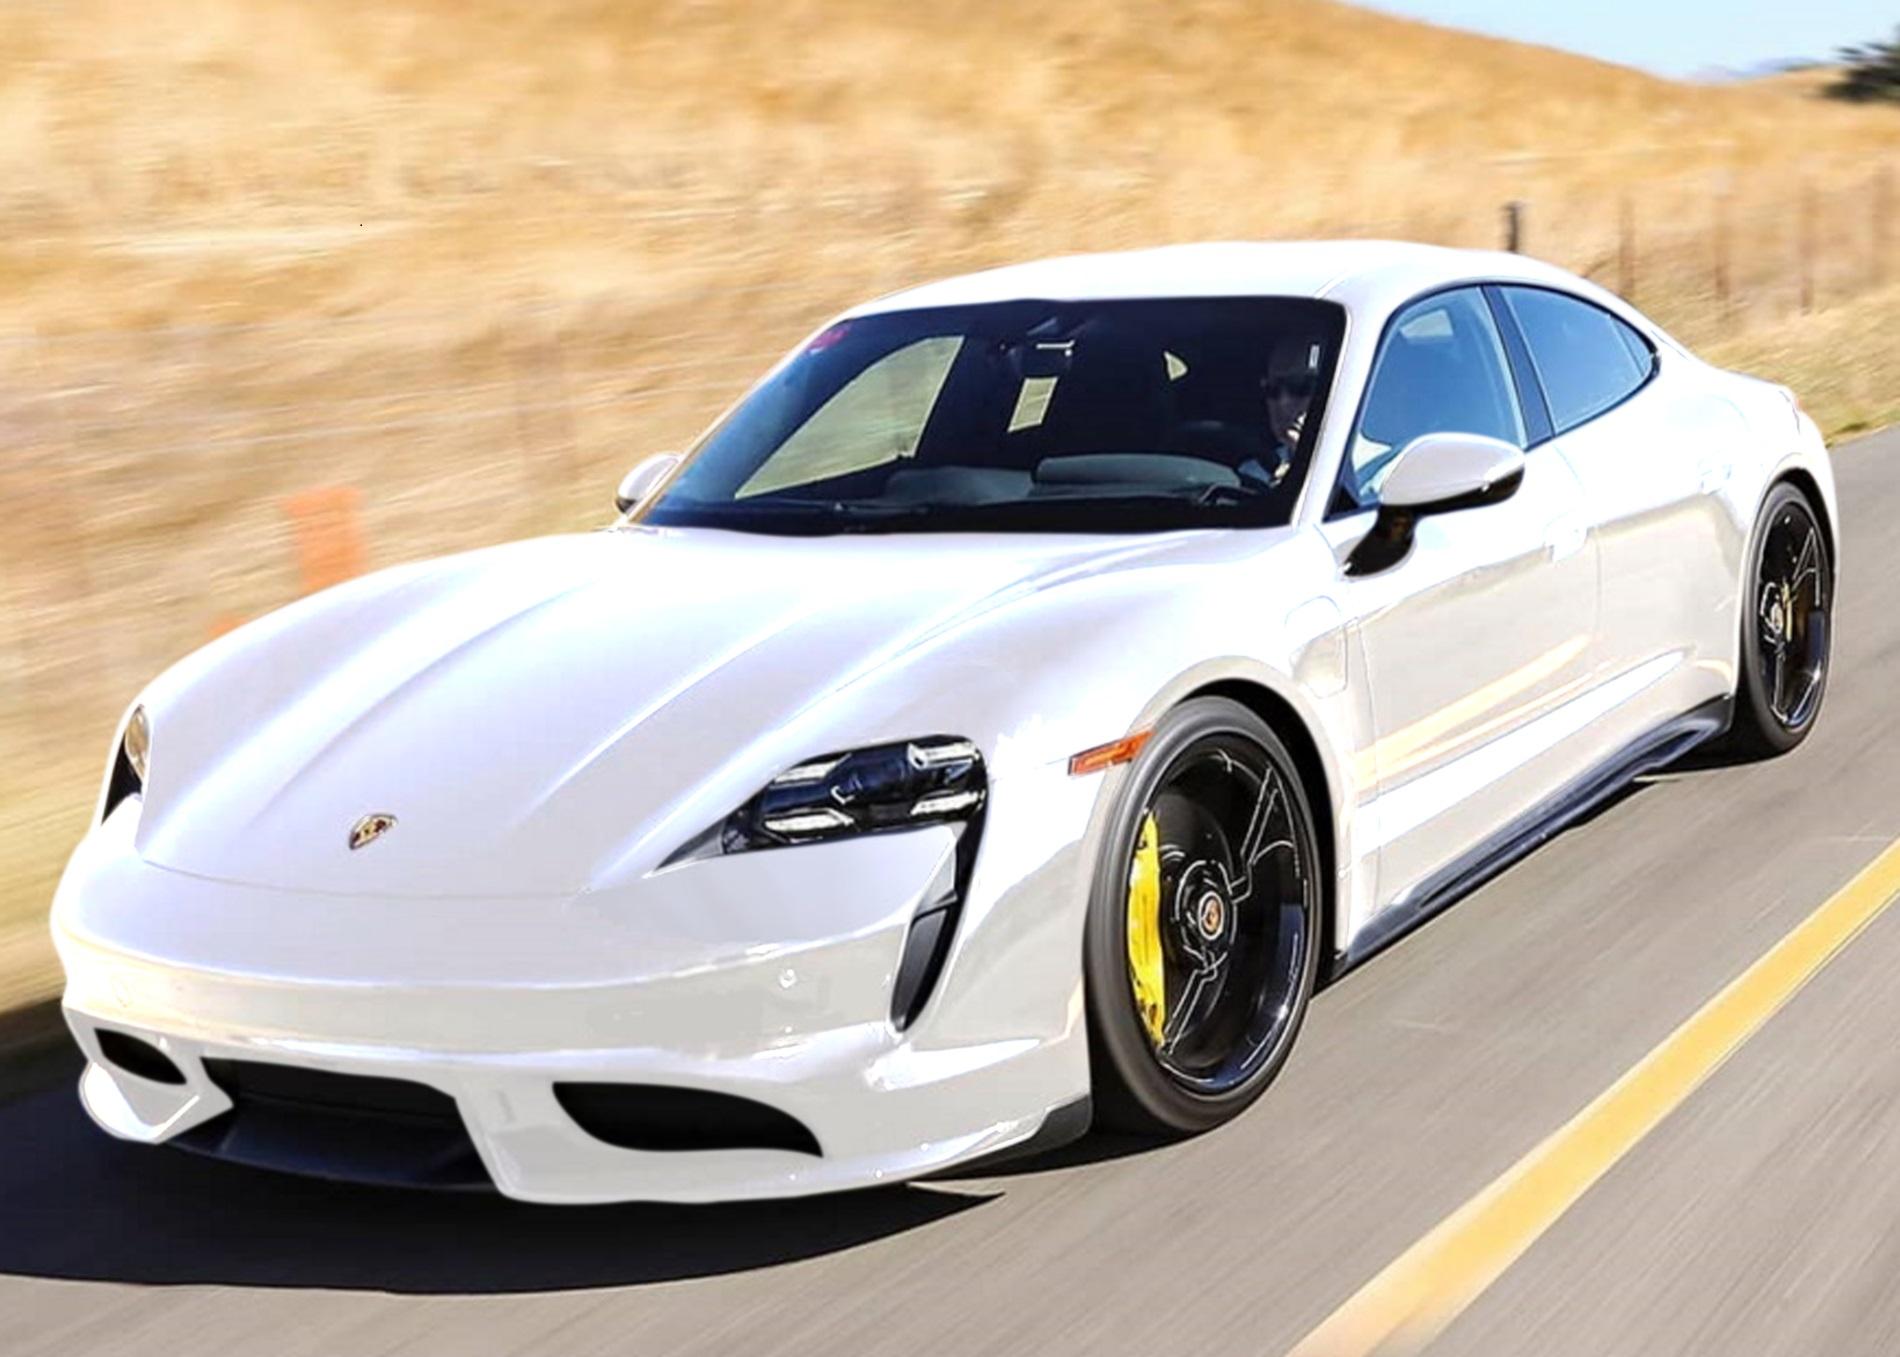 Porsche-Taycan-renderings-17